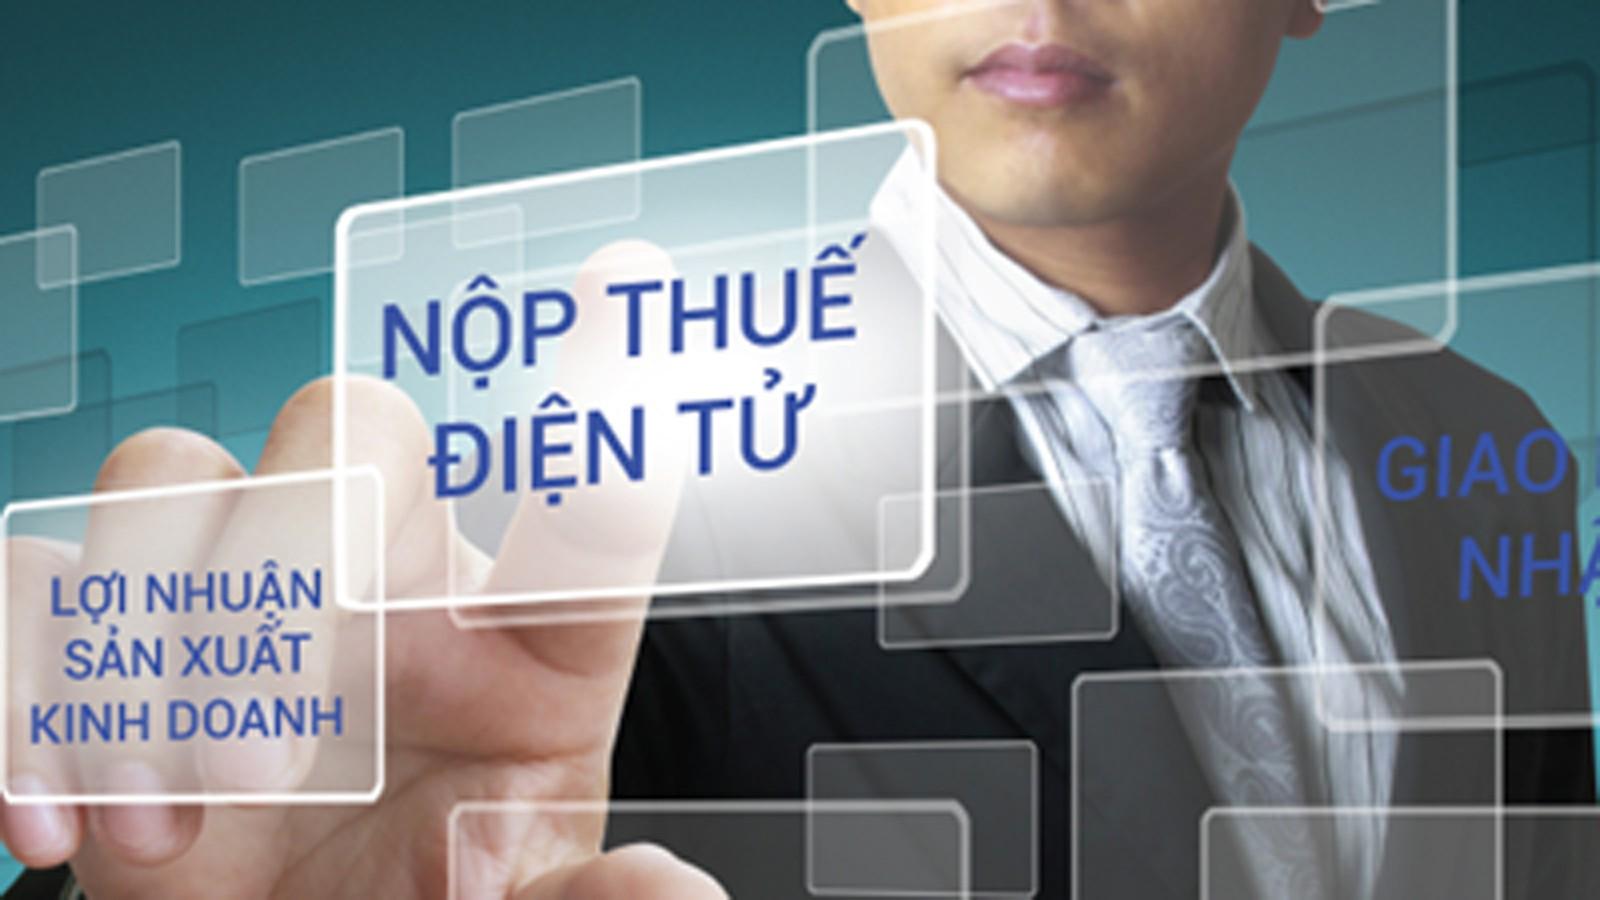 Nghị định 51/2010/NĐ-CP về hóa đơn điện tử bán hàng, cung ứng dịch vụ